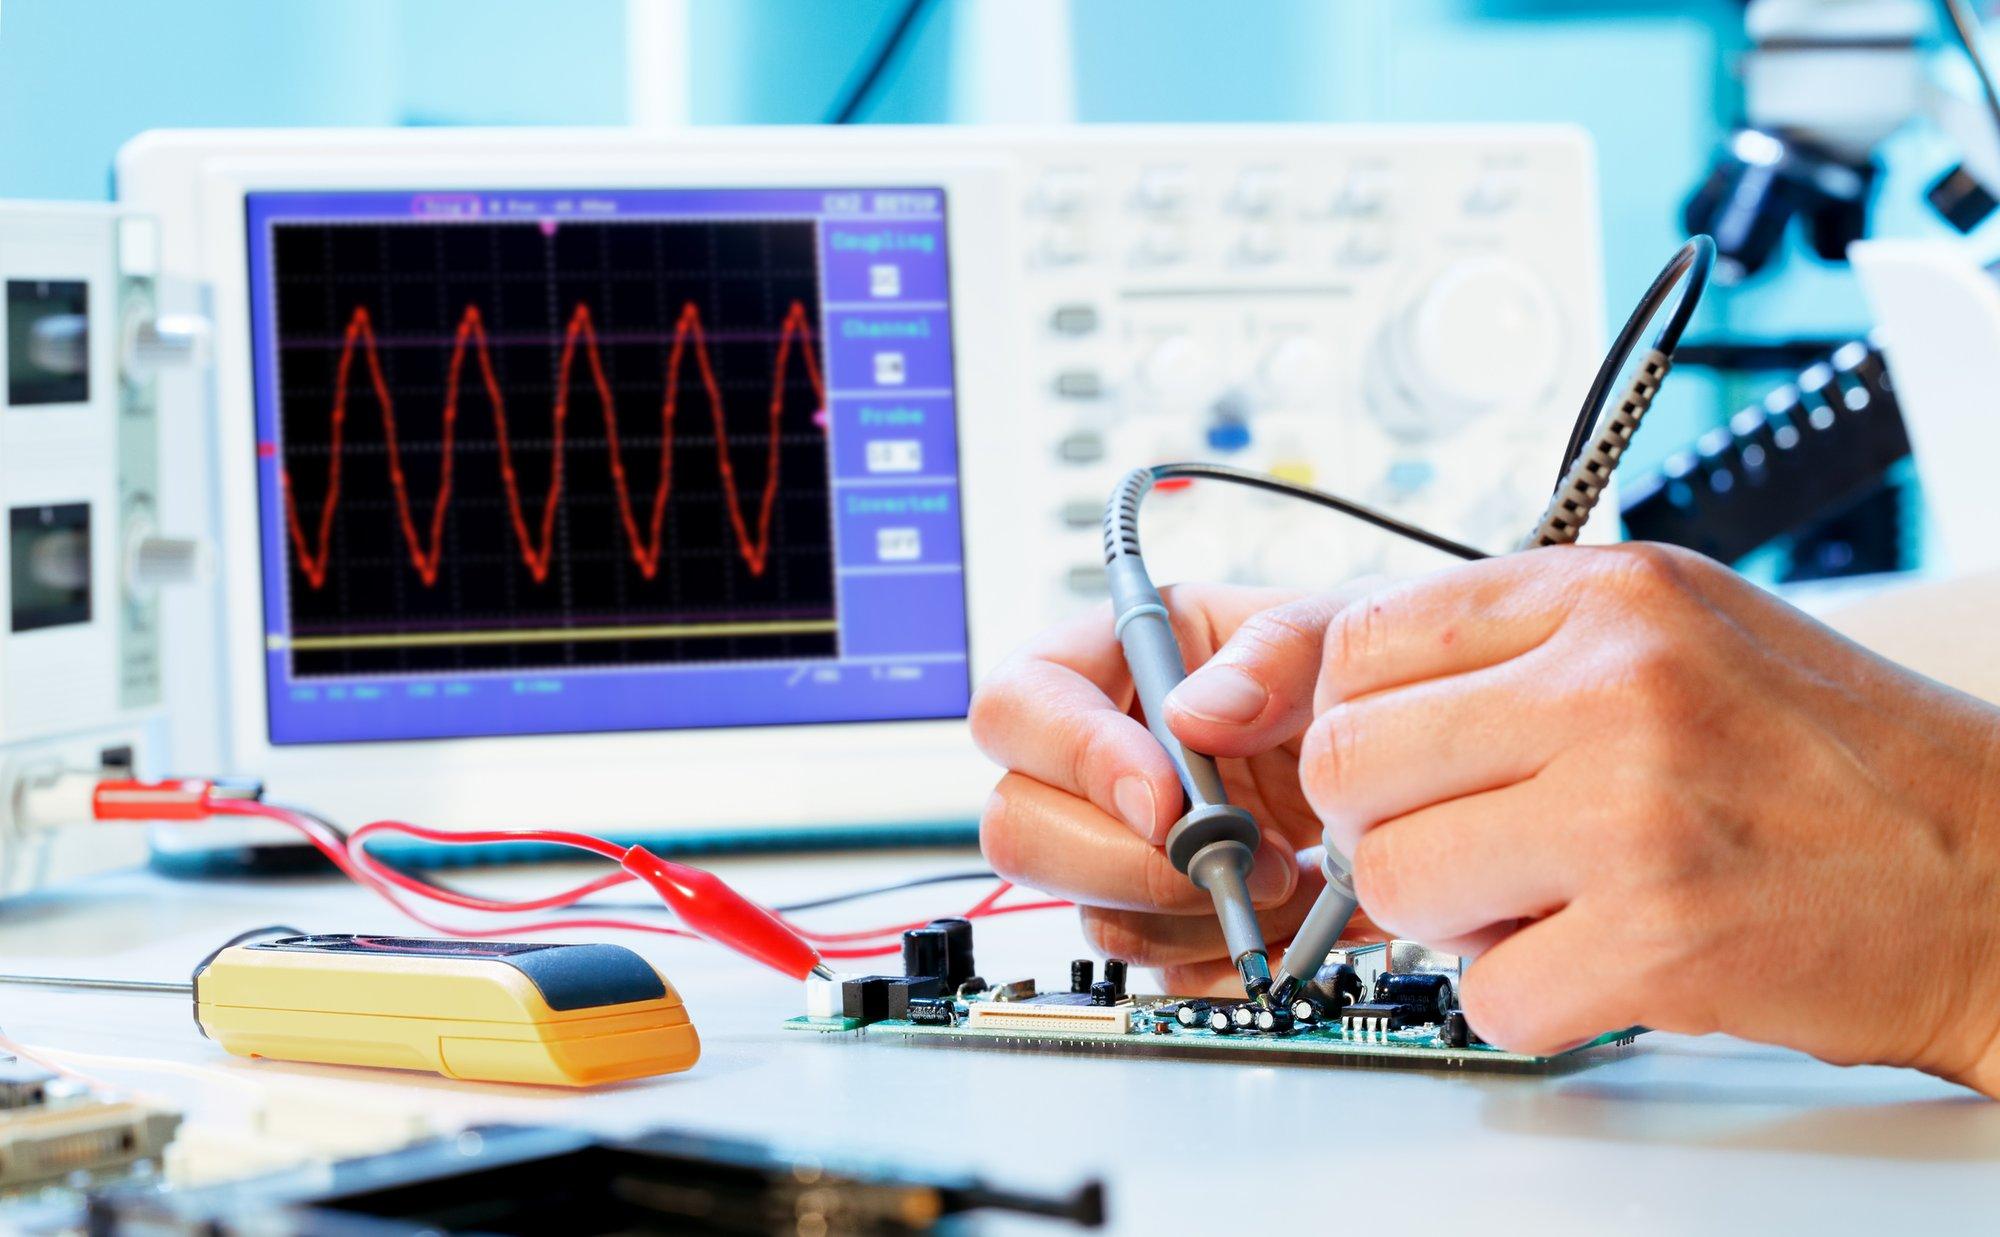 engenheiro clínico reparando equipamento hospitalar